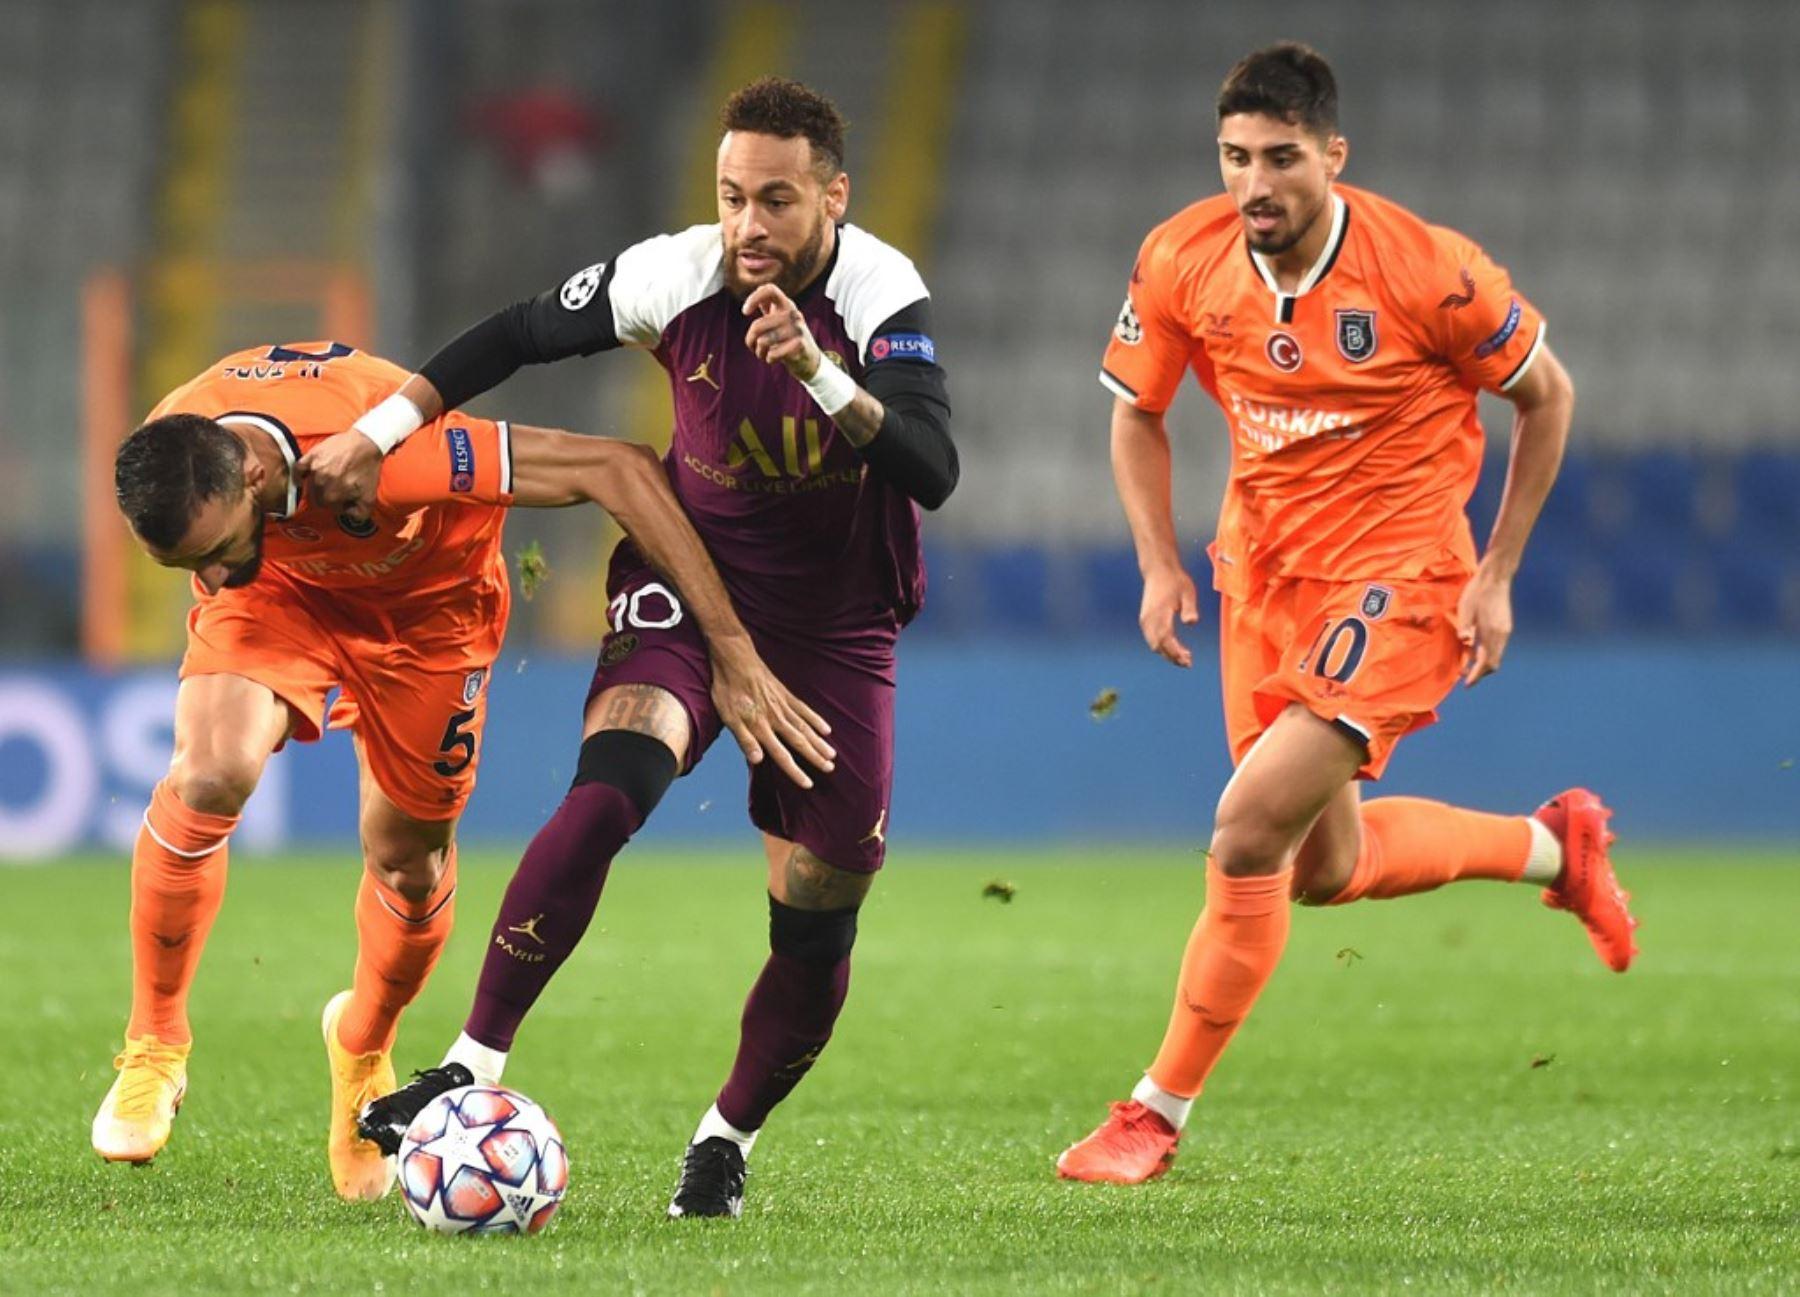 PSG triunfa en Estambul, pero pierde a Neymar, quien salió lesionado | Noticias